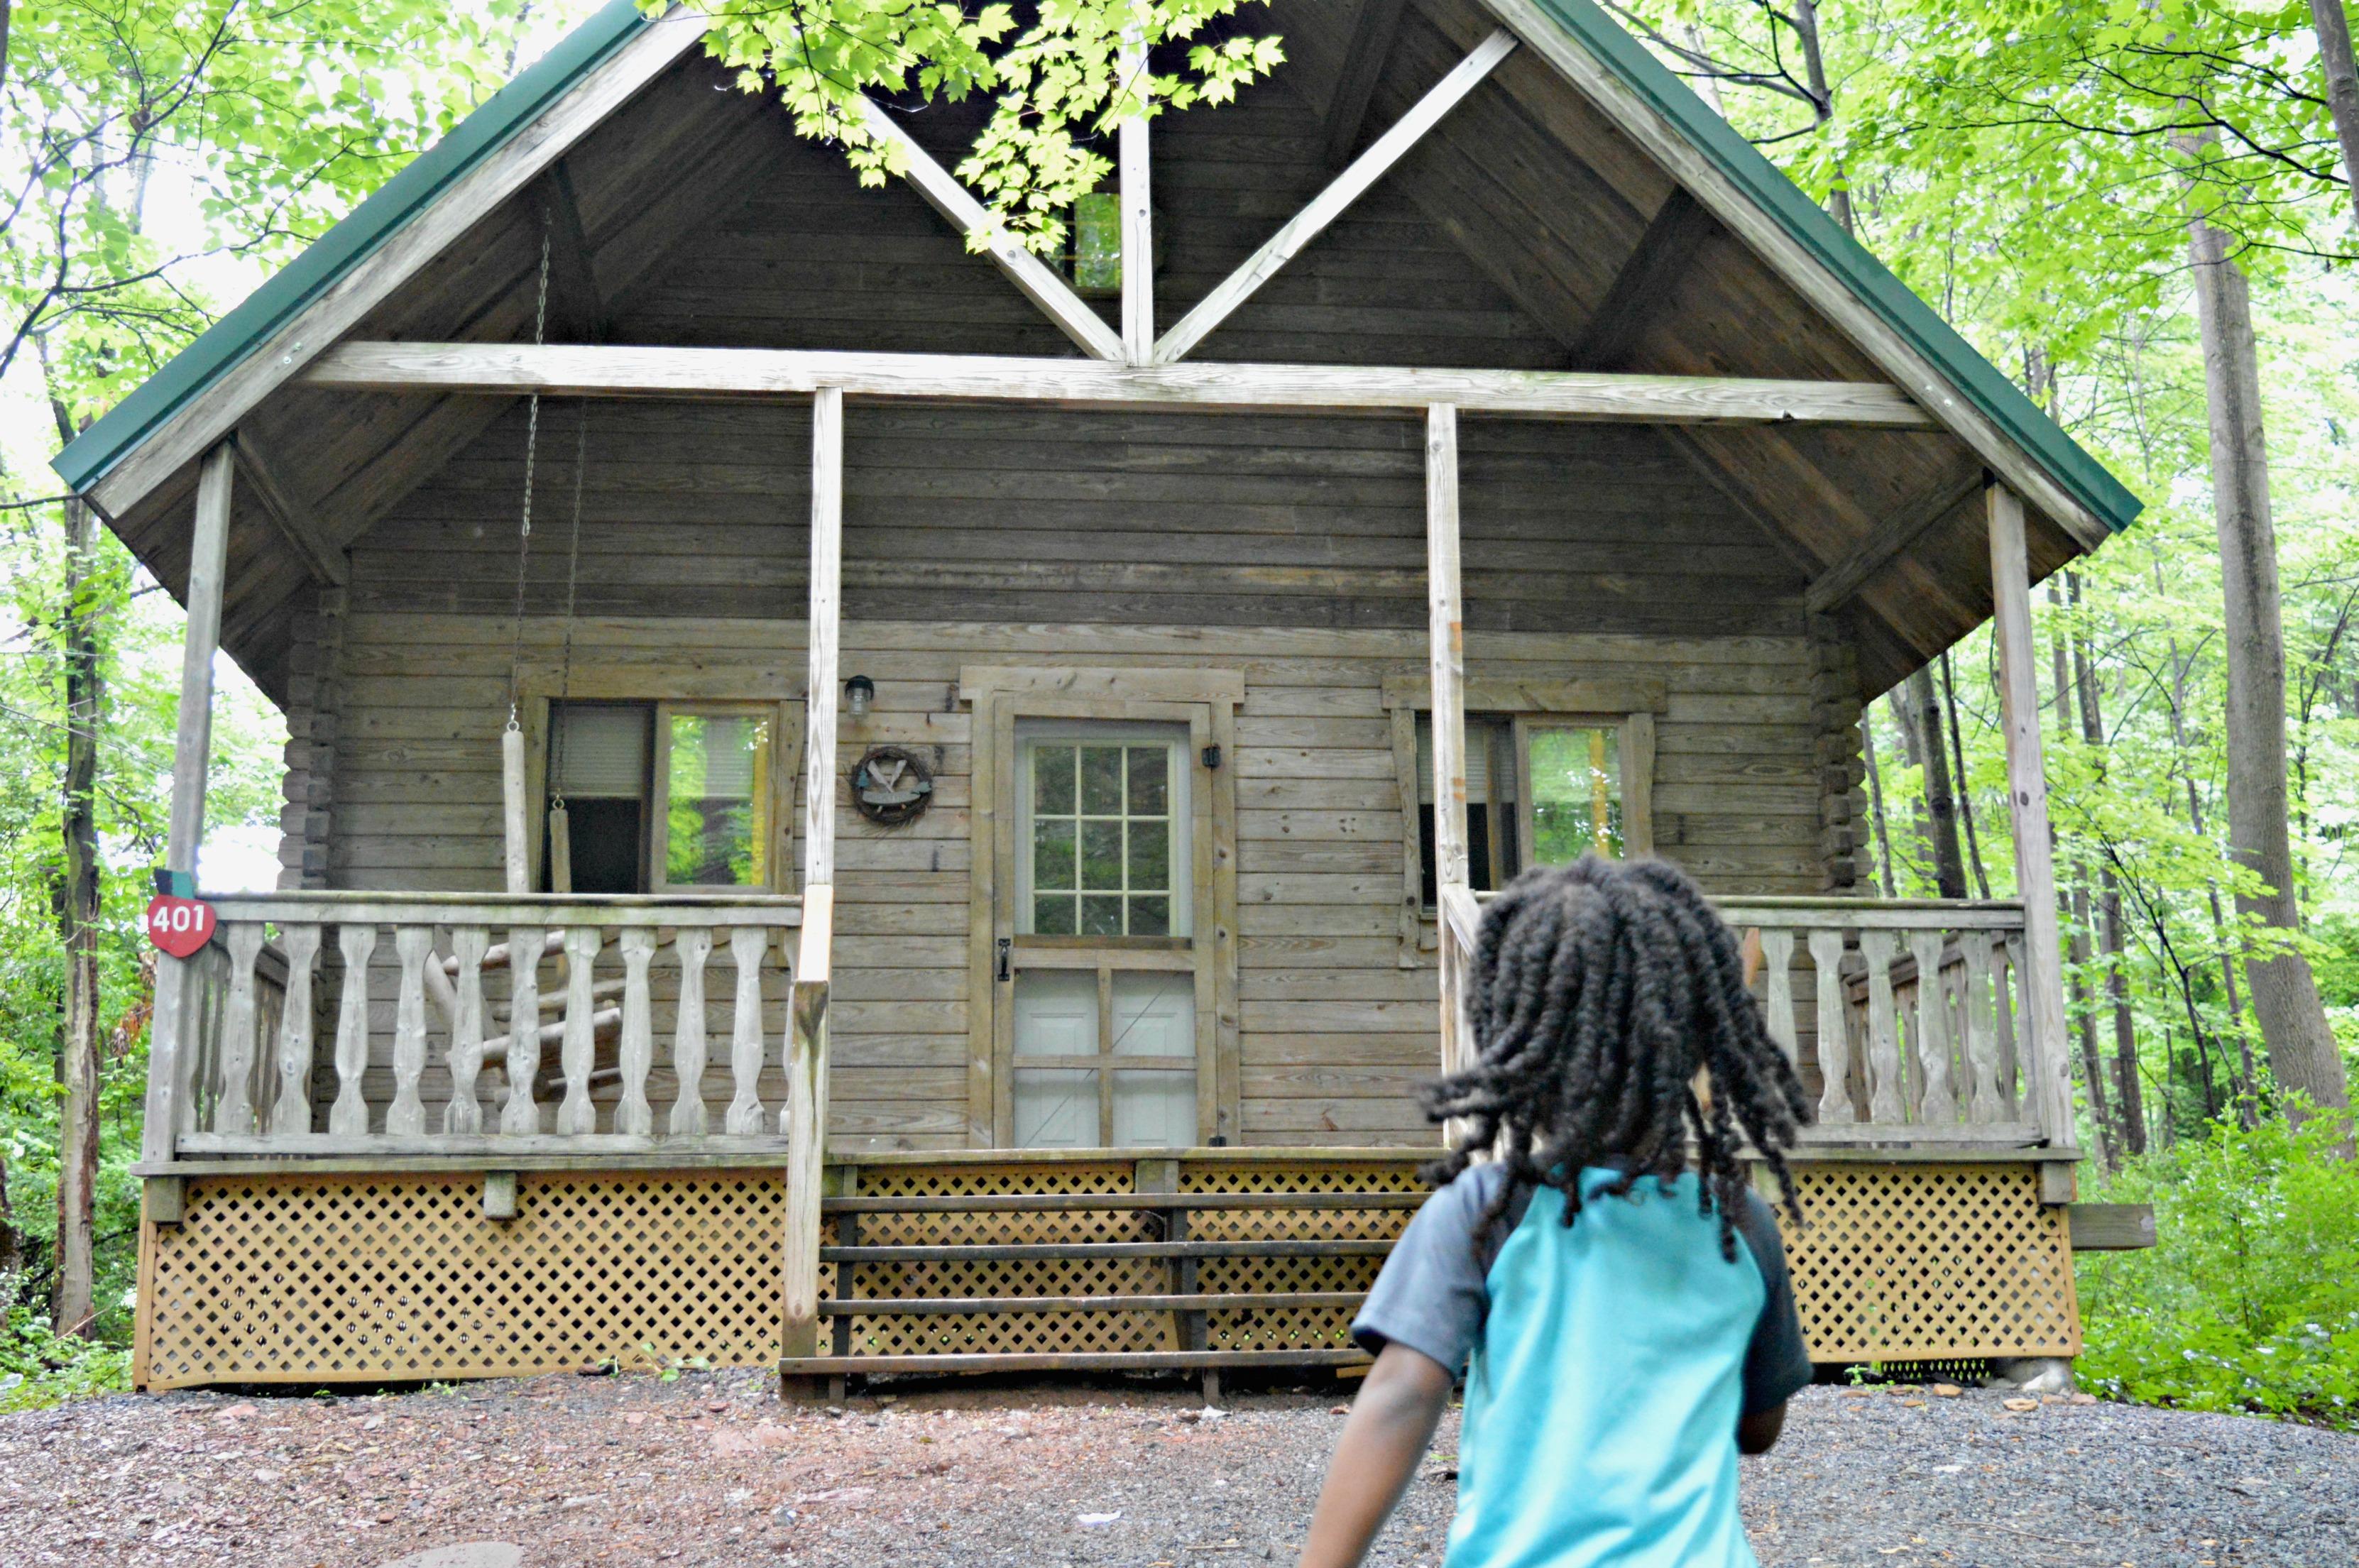 Making Summer Memories in Petite Retreats